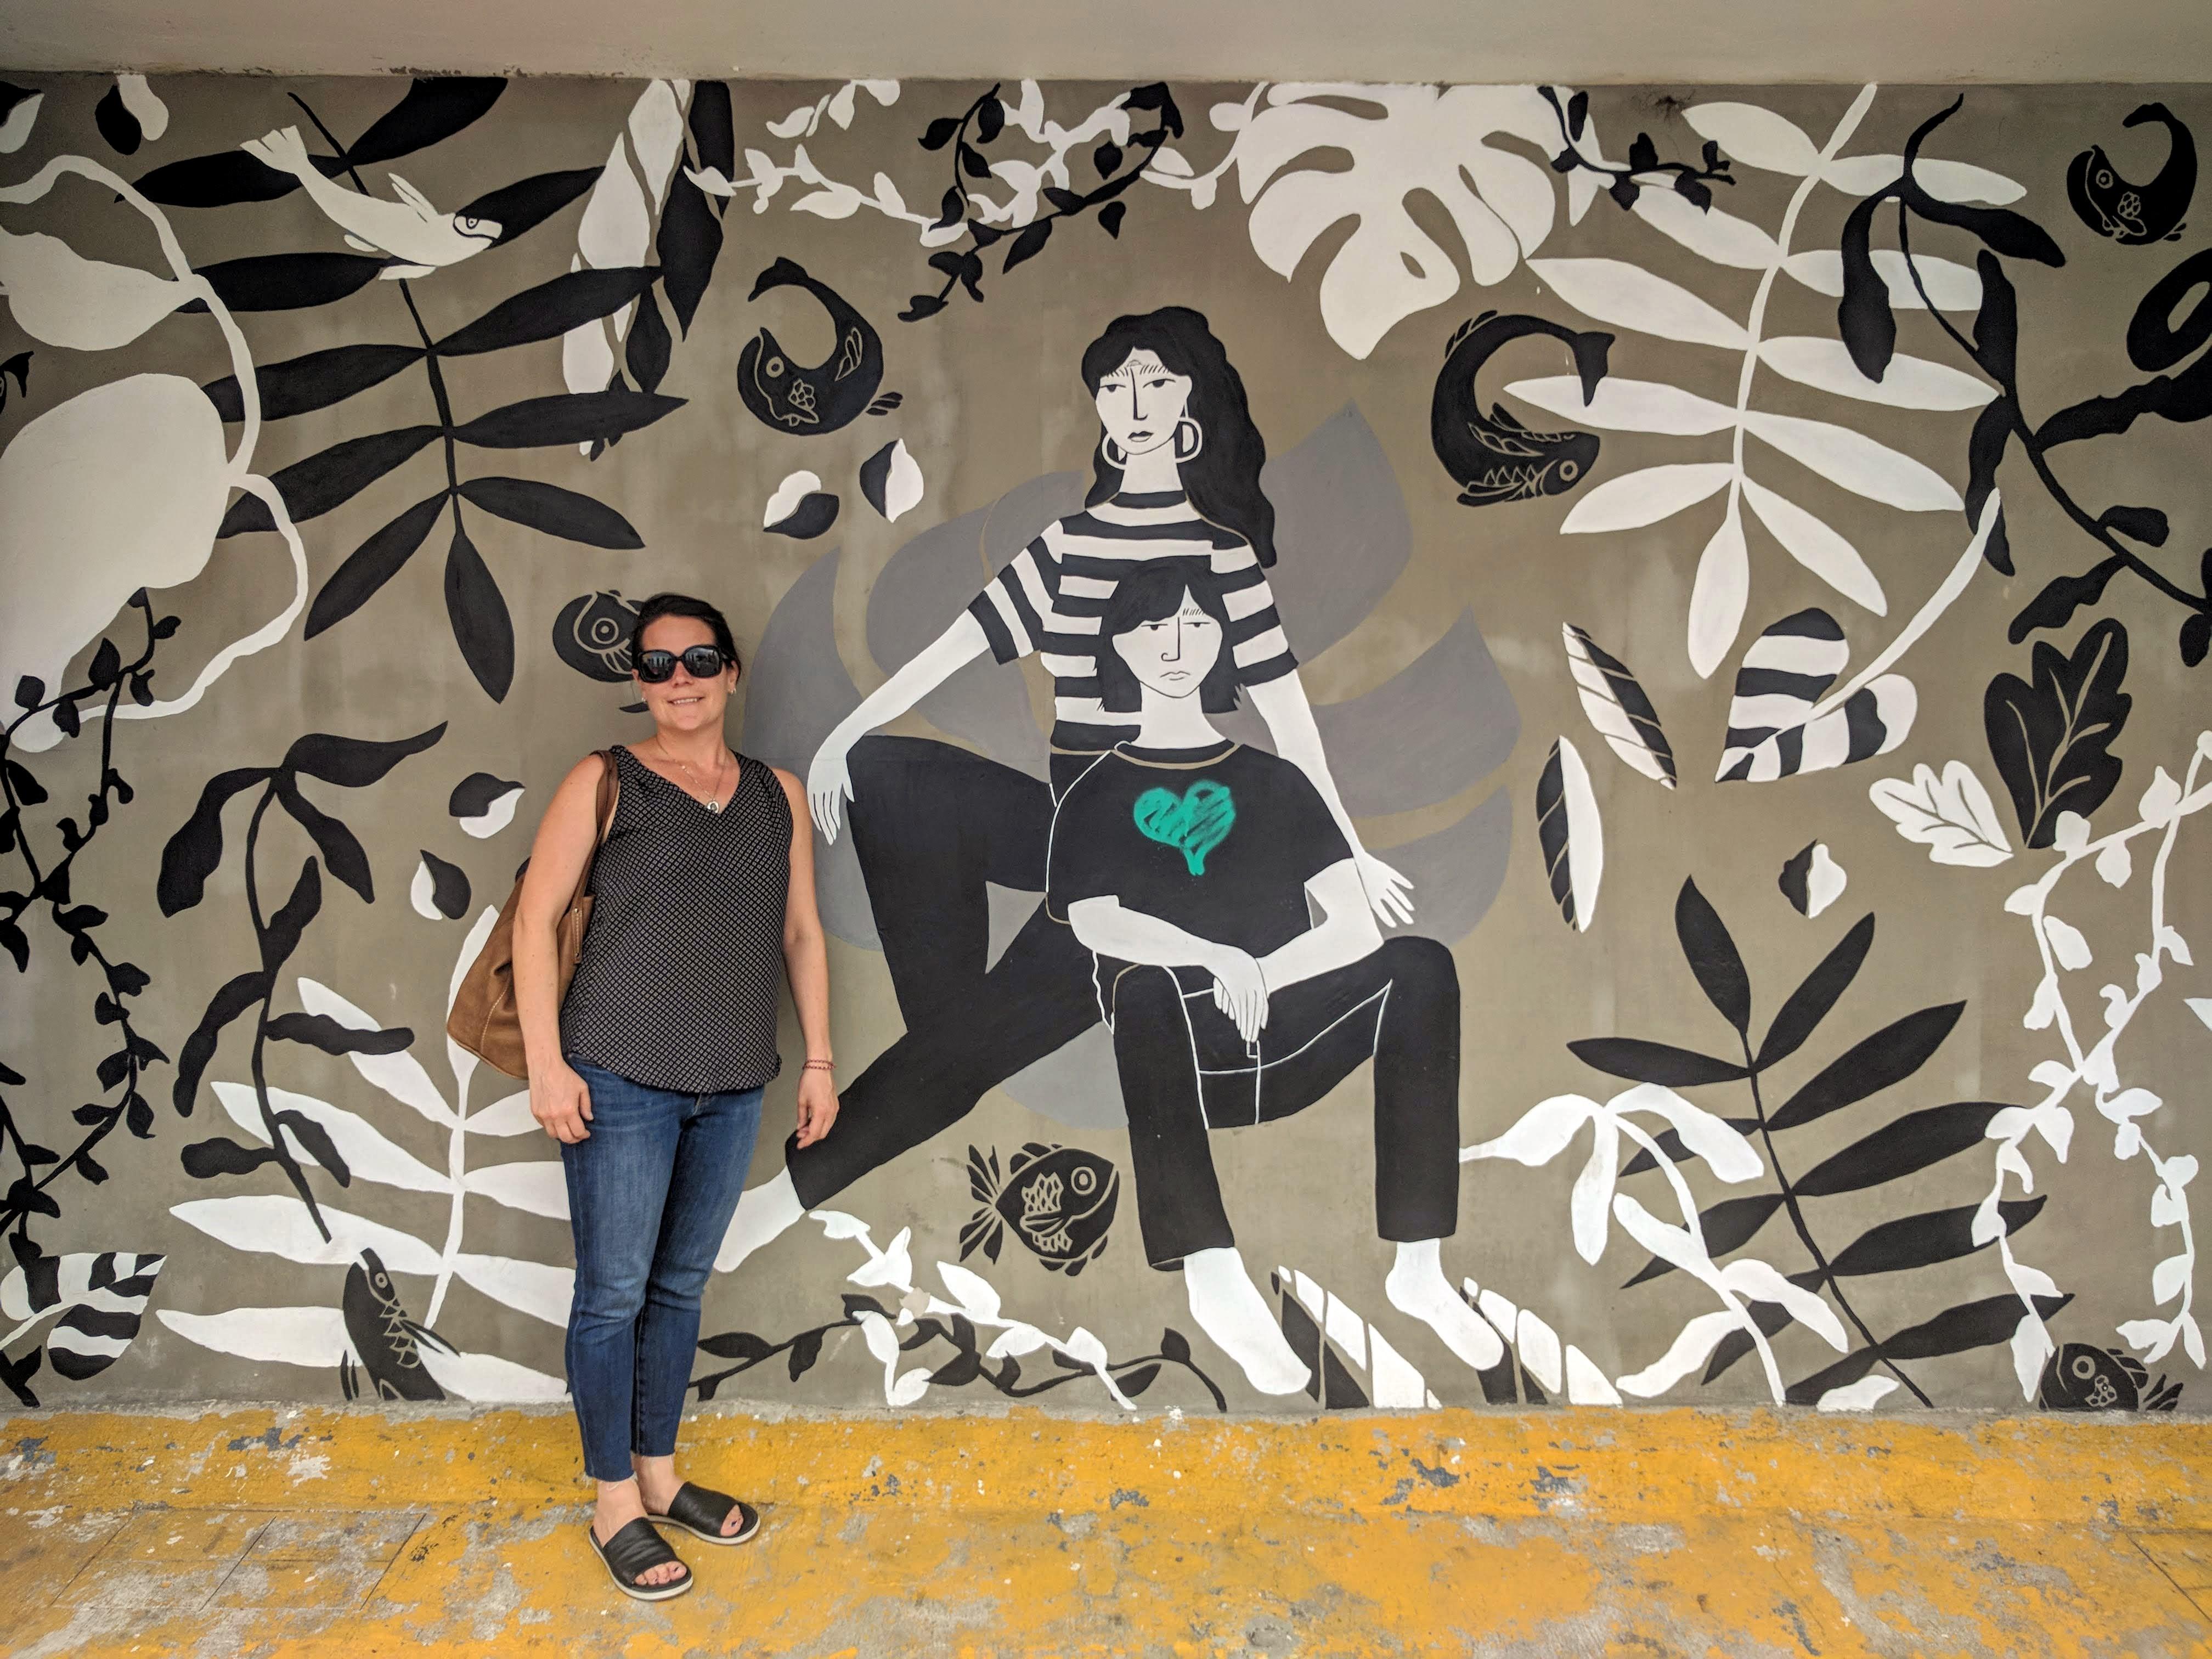 Max beside a mural in Guadalajara